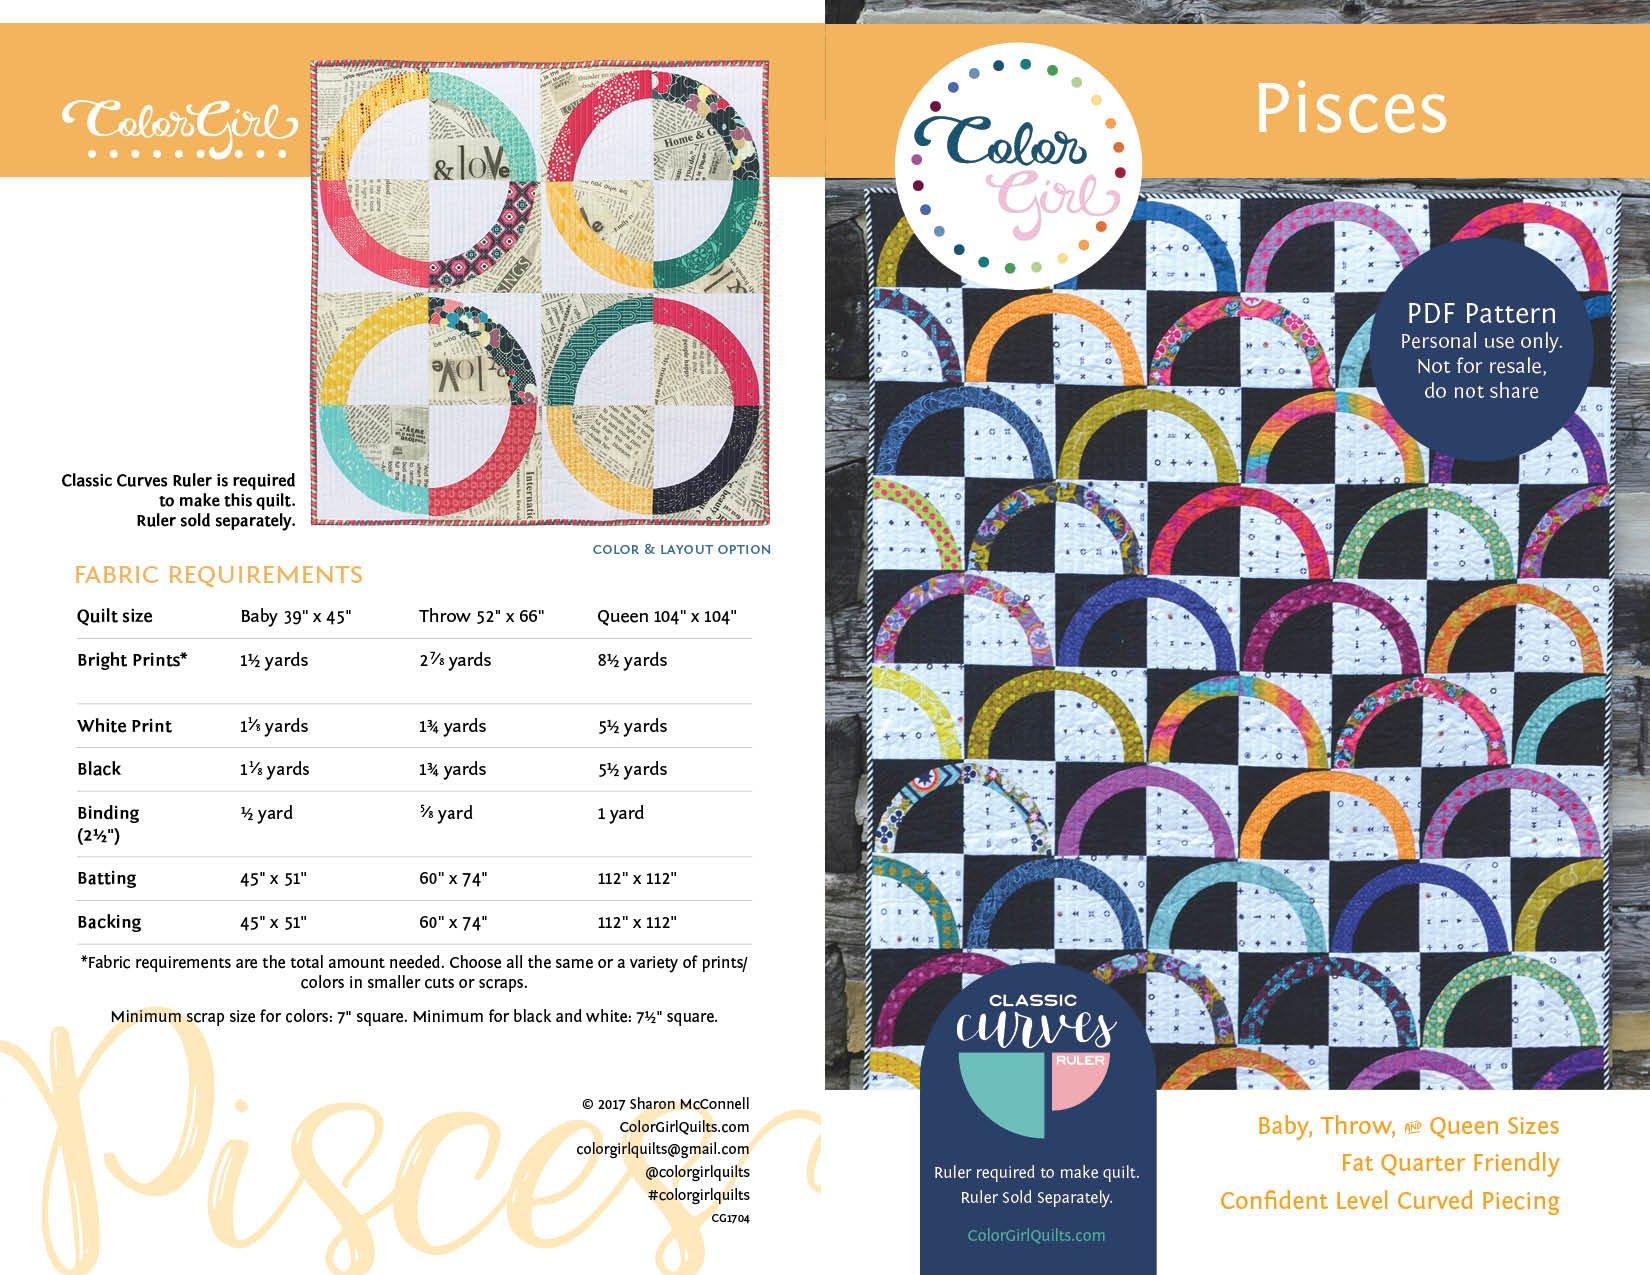 Pisces Quilt Pattern